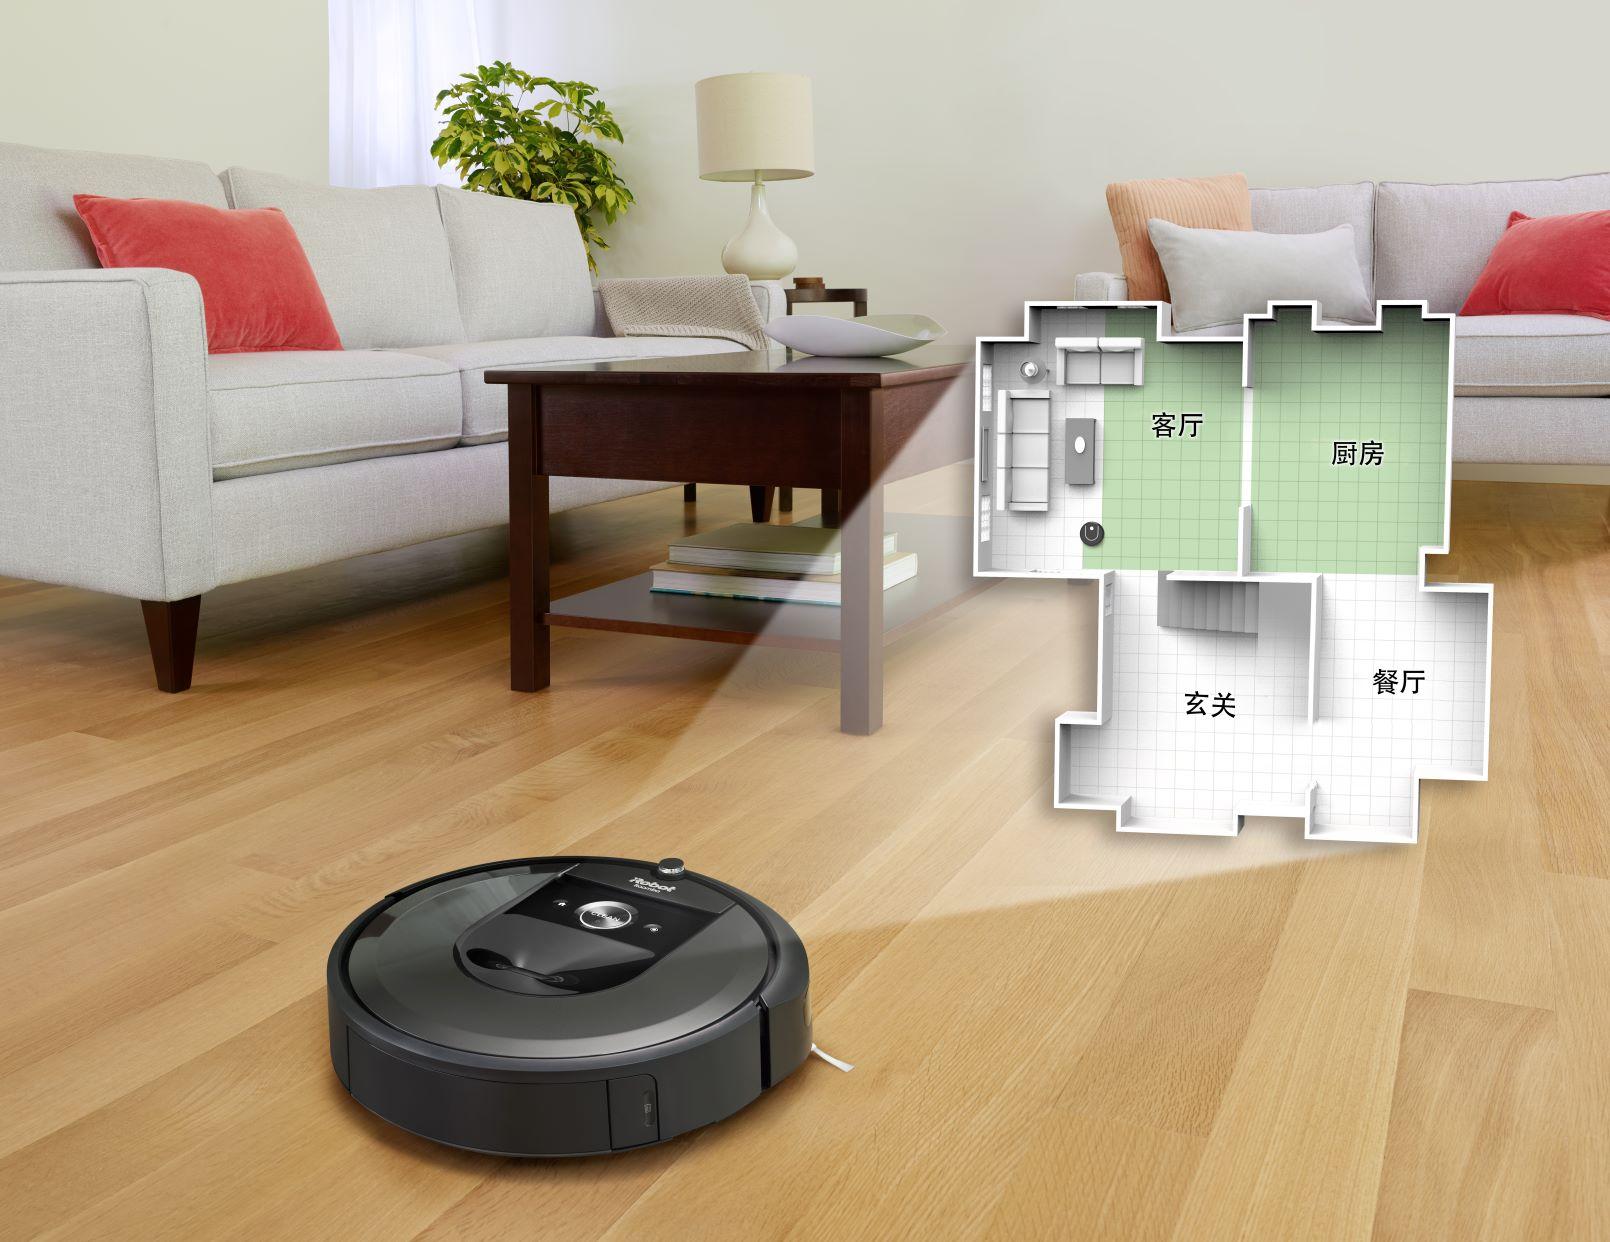 超越铲屎官期望的扫地机器人iRobot Roomba i7+